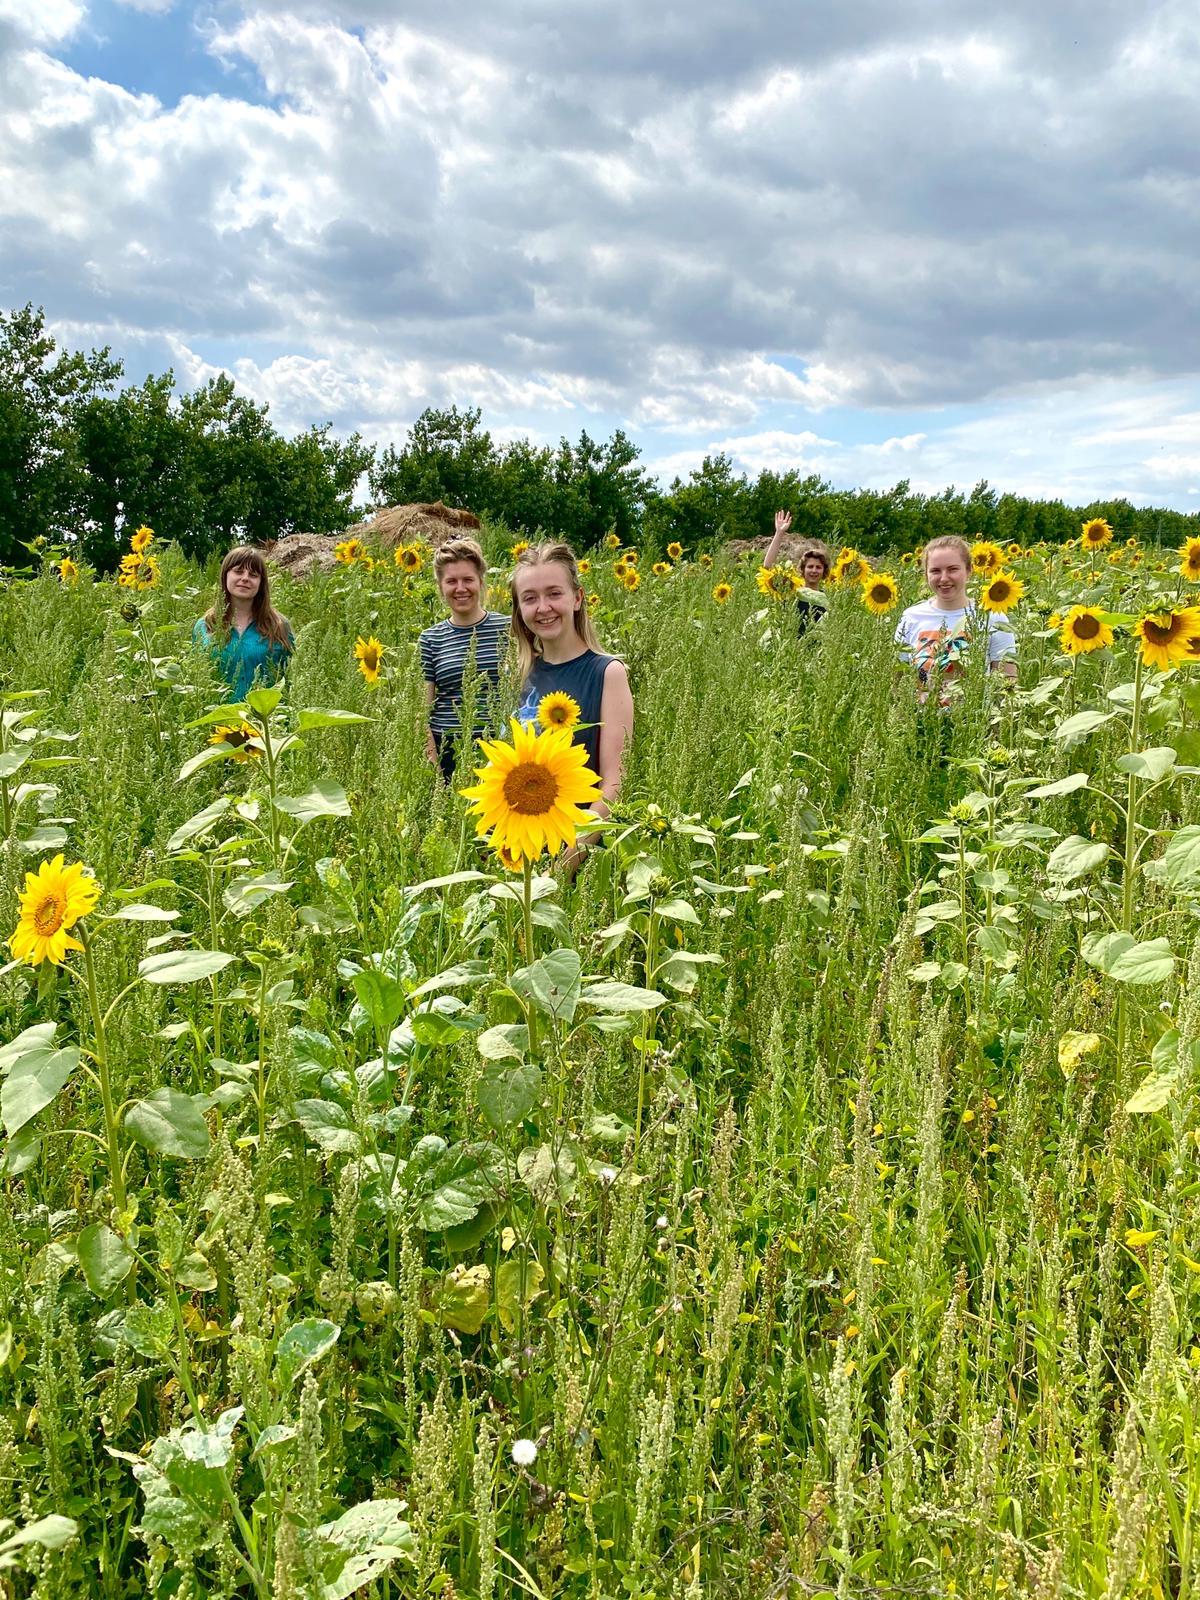 Sunflower field in Brenley Farm, outside Bombus Studio